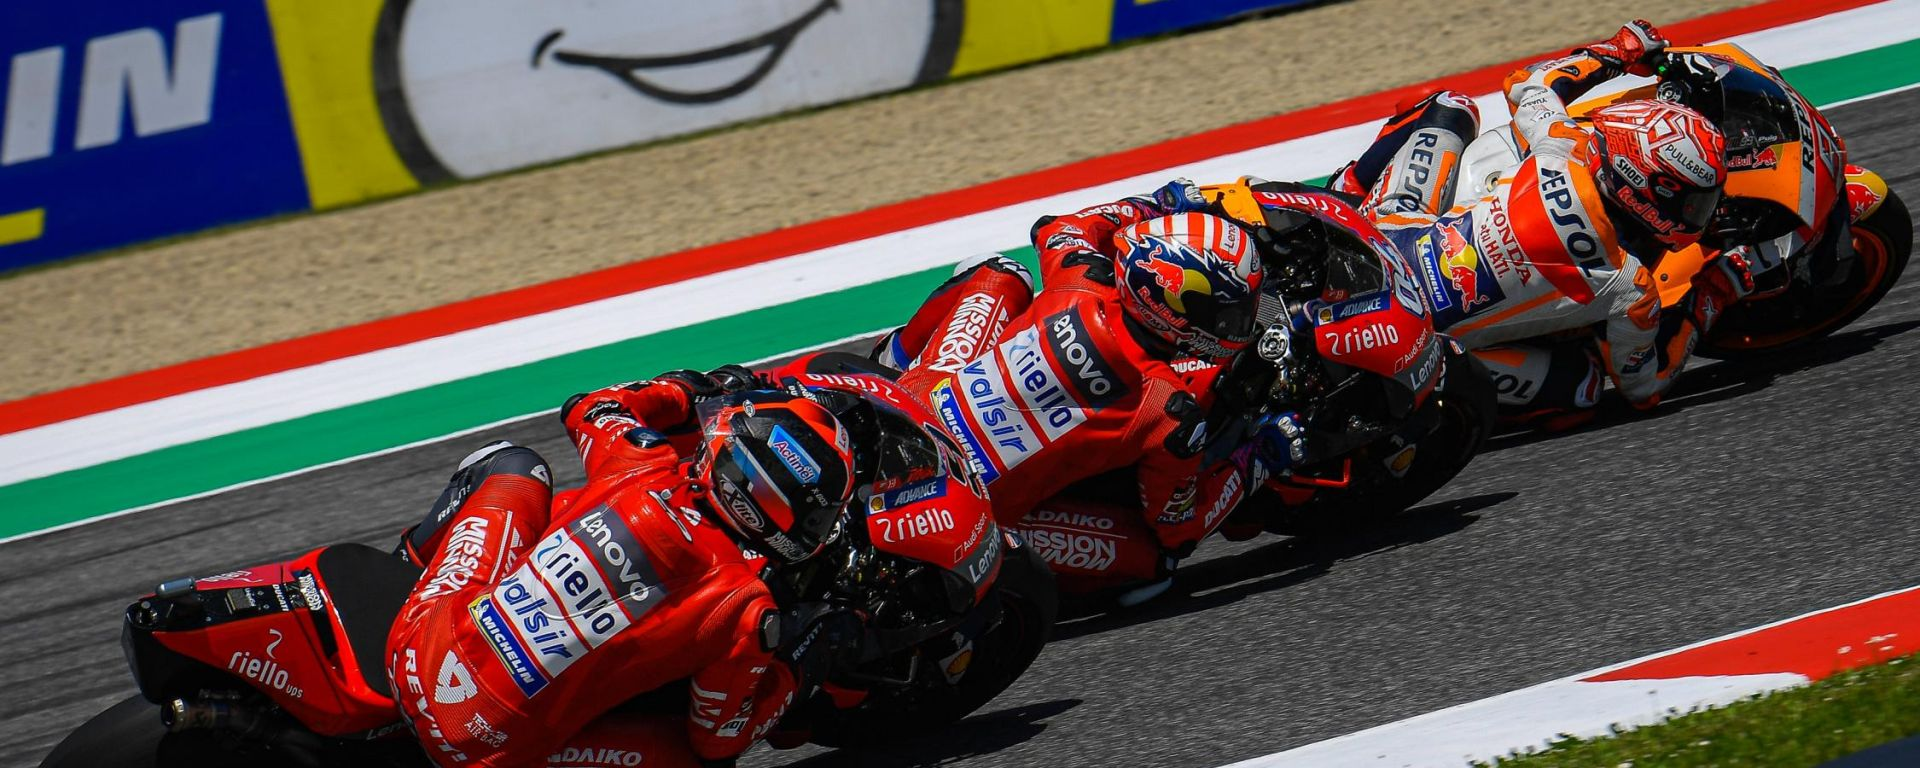 MotoGP Italia 2019, le pagelle del Mugello